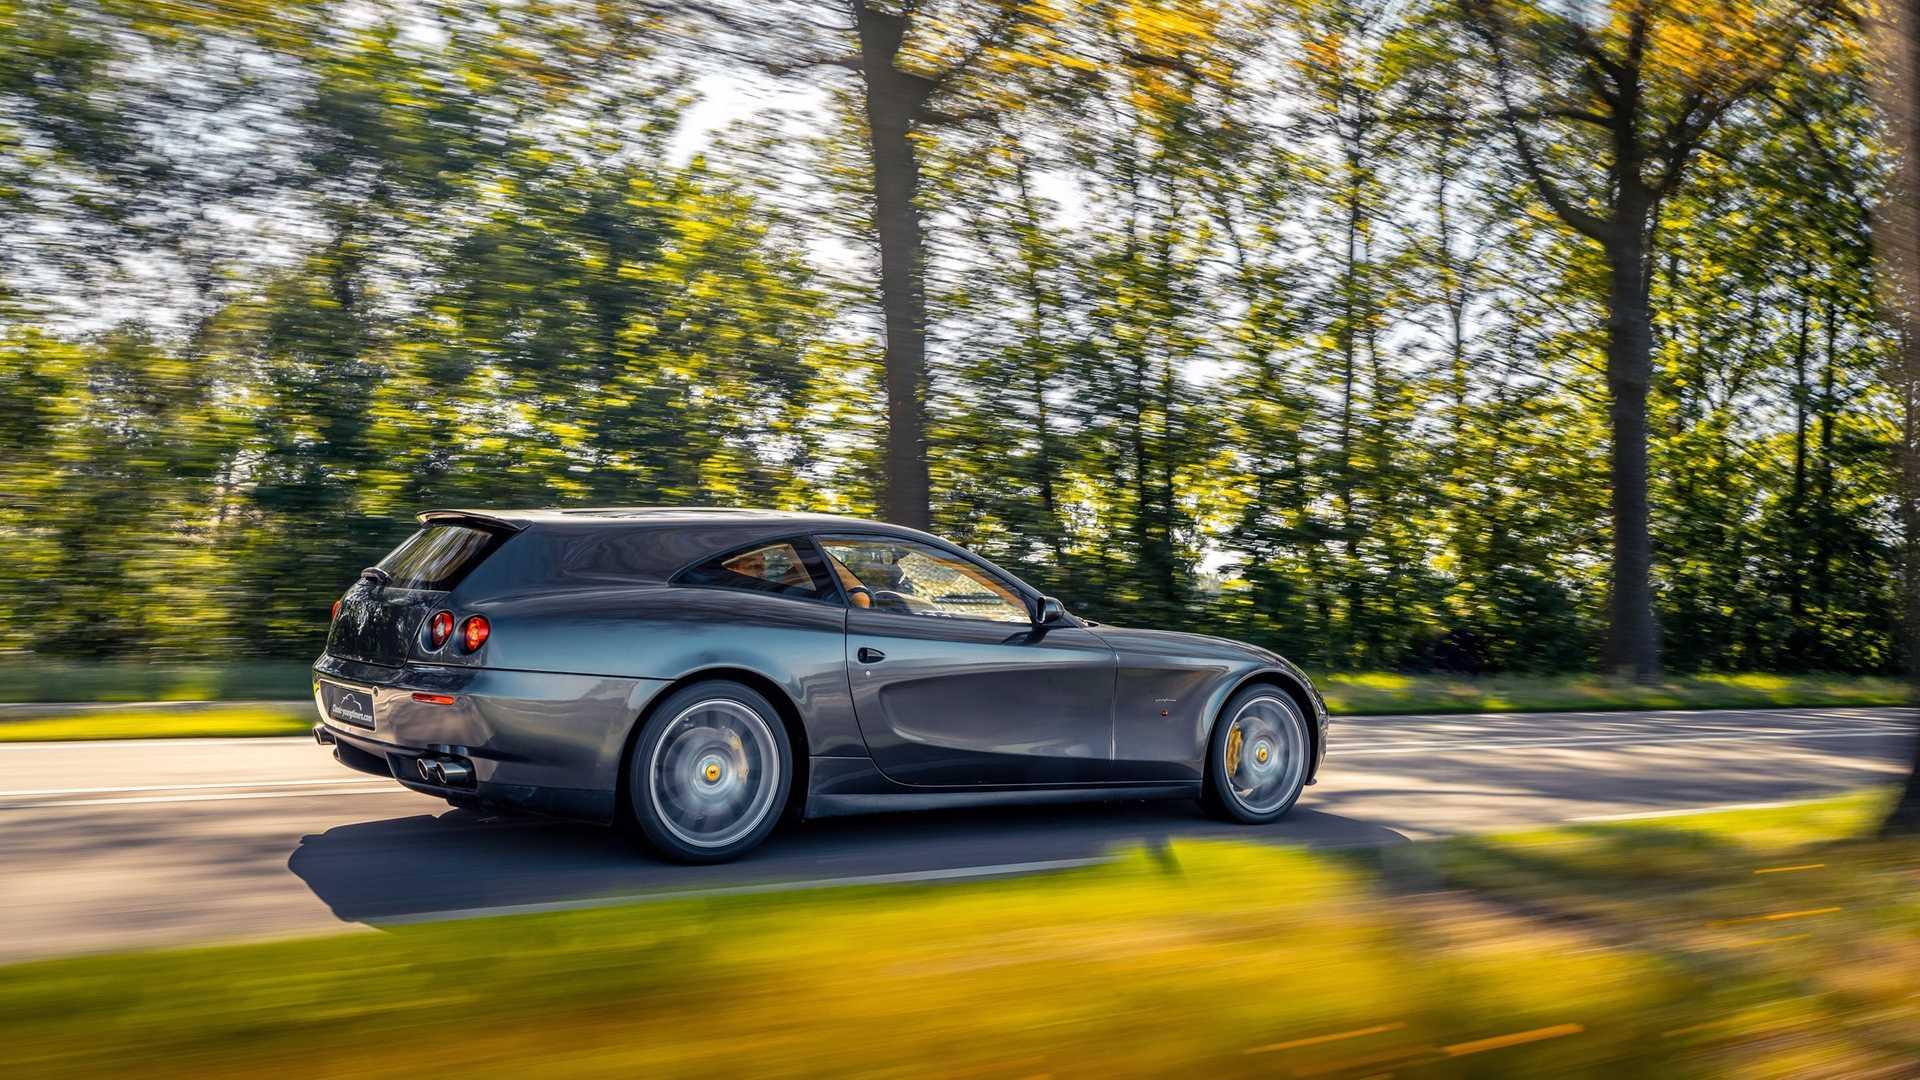 Ferrari-612-Scaglietti-Shooting-Brake-by-Vandenbrink-9